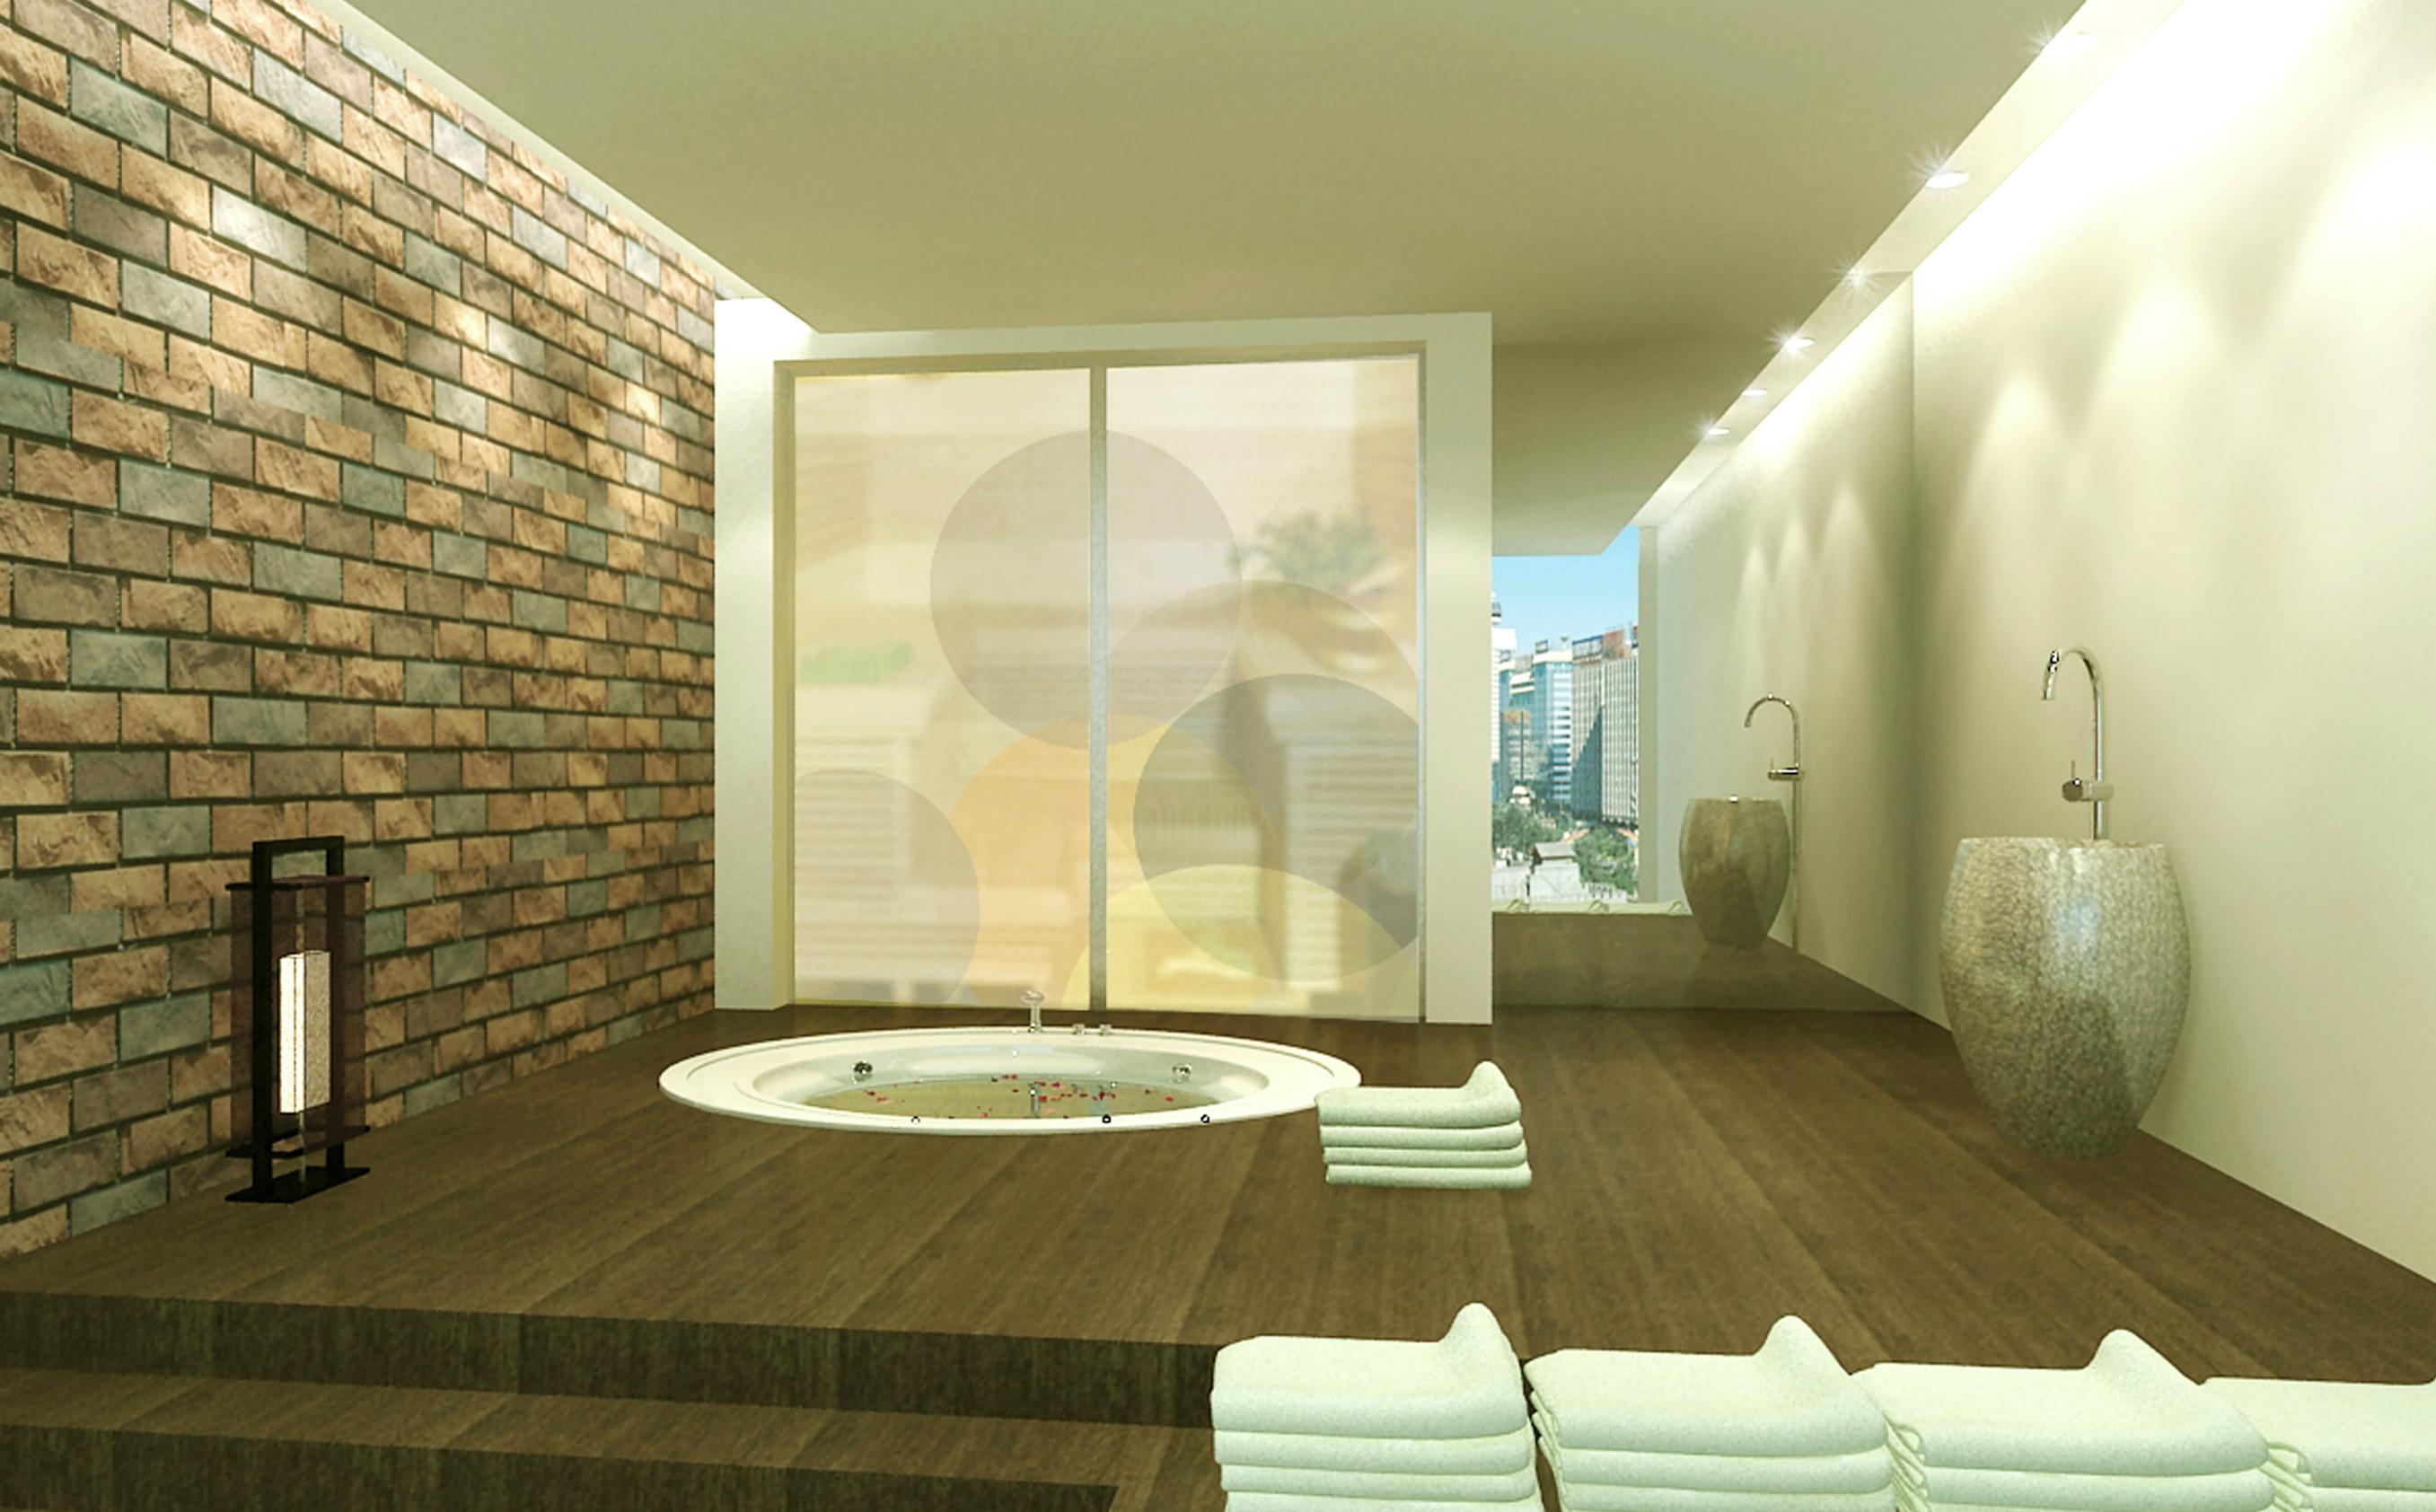 Bathroom For Orchard Villa Compound